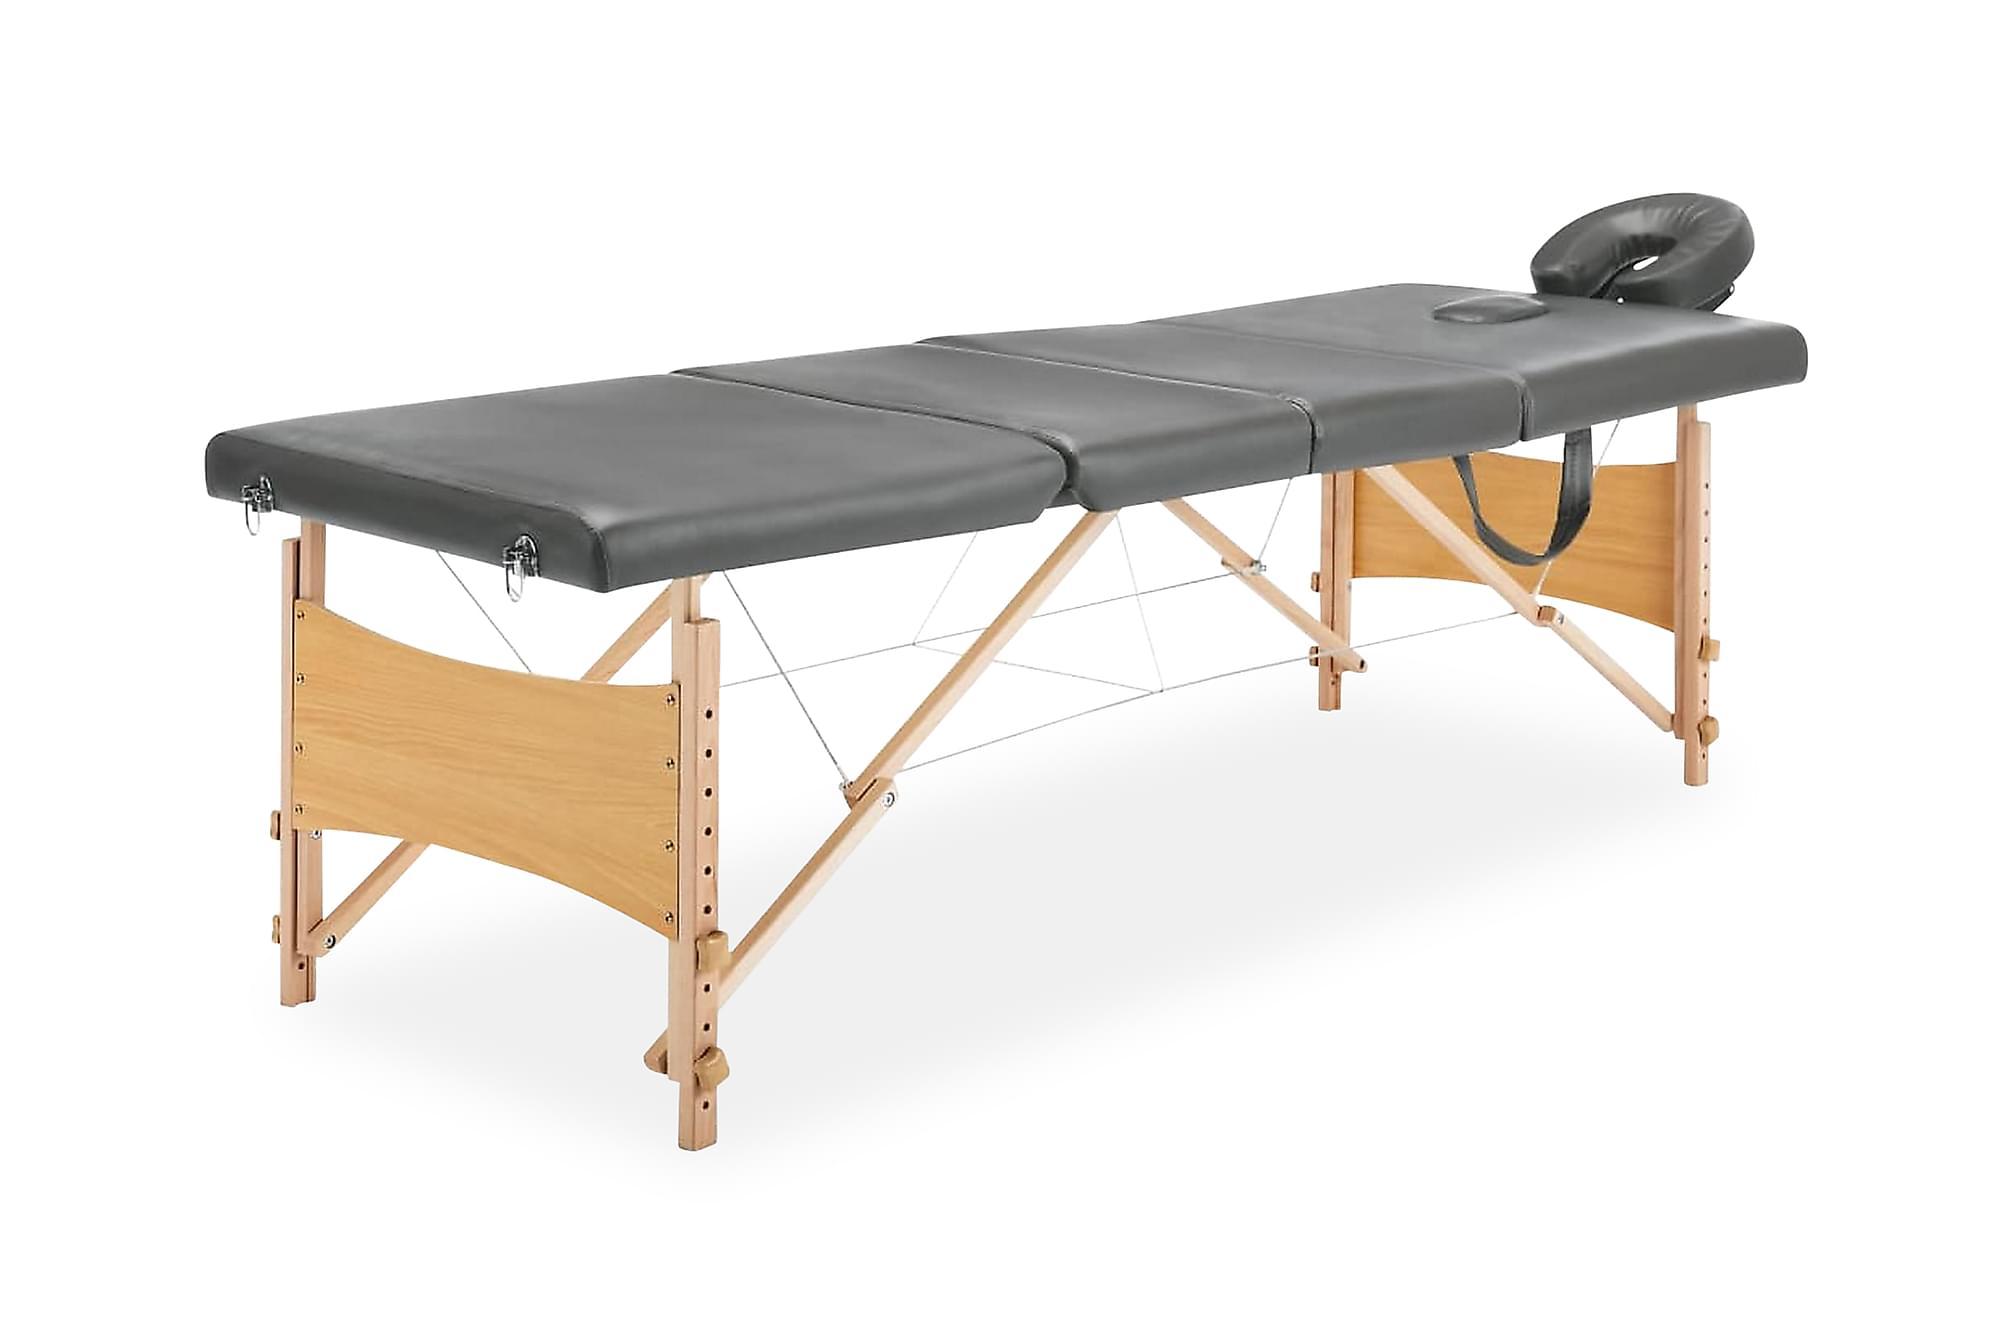 Massagebänk med 4 zoner träram antracit 186×68 cm